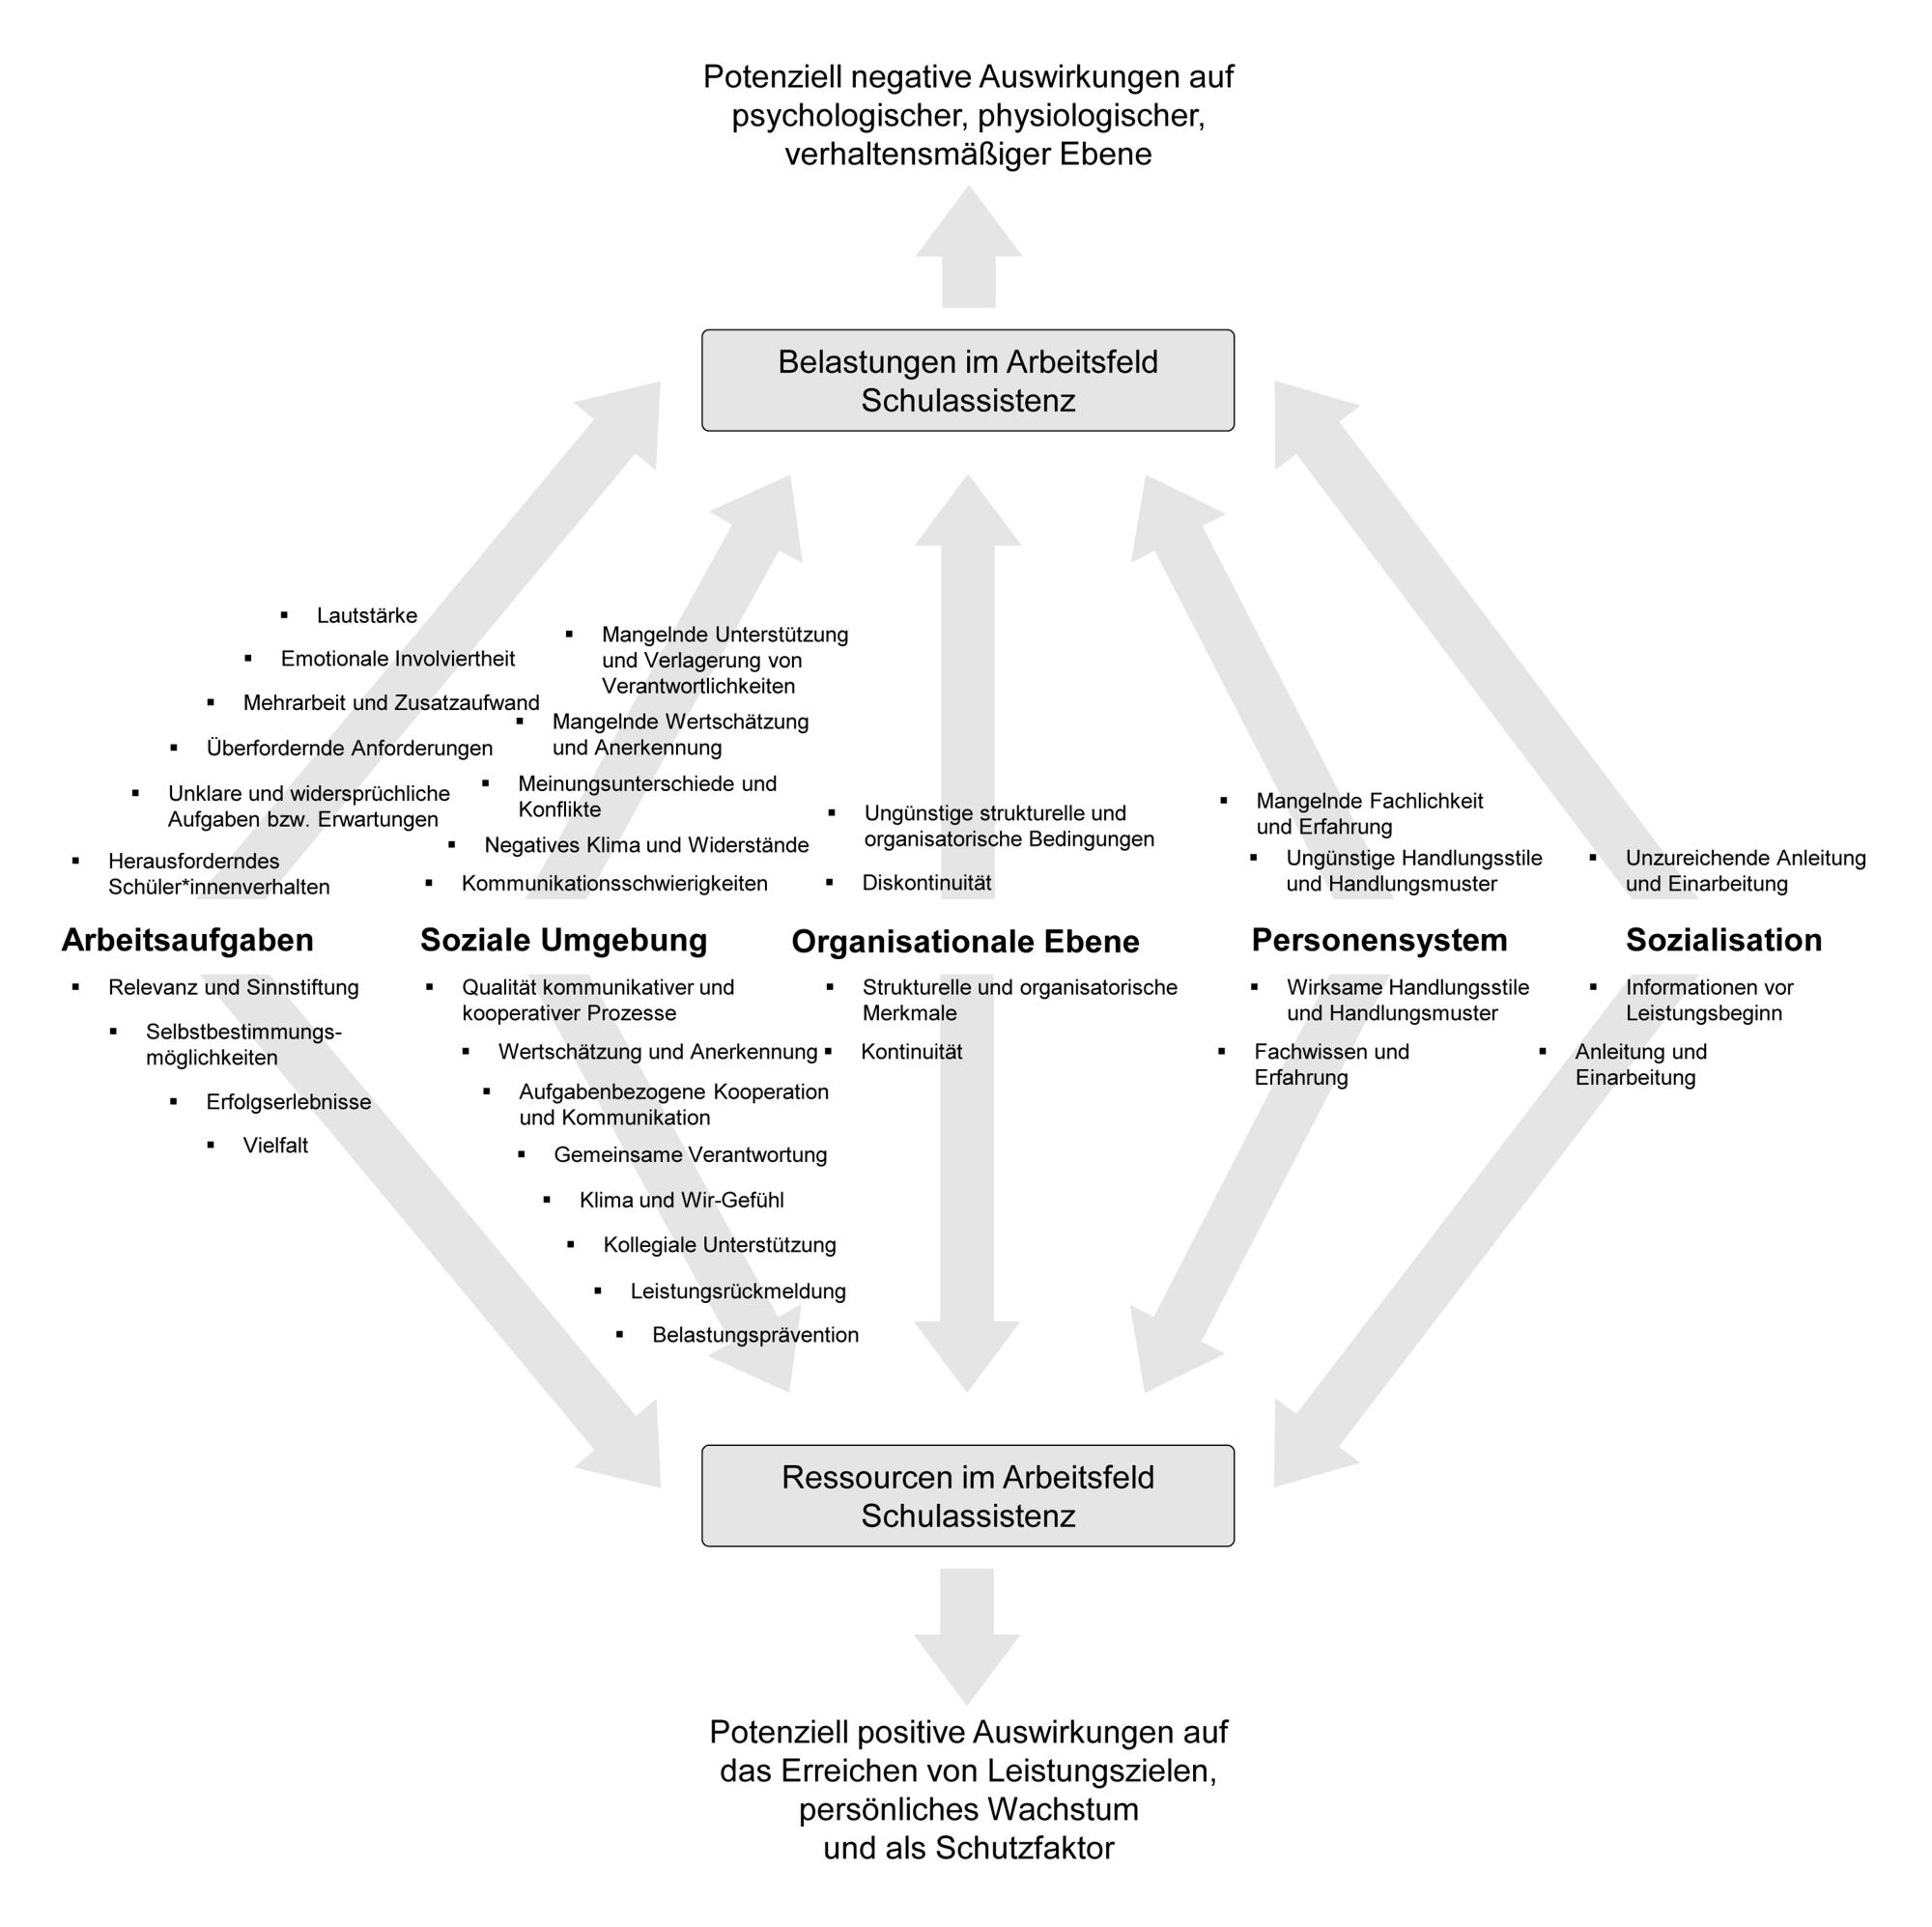 Es gibt 5 Hauptkategorien:  Arbeitsaufgaben, soziale Umgebung, organisationale Ebene, Personensystem und Sozialisation. Jede Hauptkategorie umfasst sowohl Belastungsfaktoren als auch Ressourcen. Belastungsfaktoren haben potenziell negative Auswirkungen auf psychologischer, physiologischer und verhaltensmäßiger Ebene.  Ressourcen haben potenziell positive Auswirkungen auf das Erreichen von Leistungszielen, auf das persönliche Wachstum und als Schutzfaktoren.